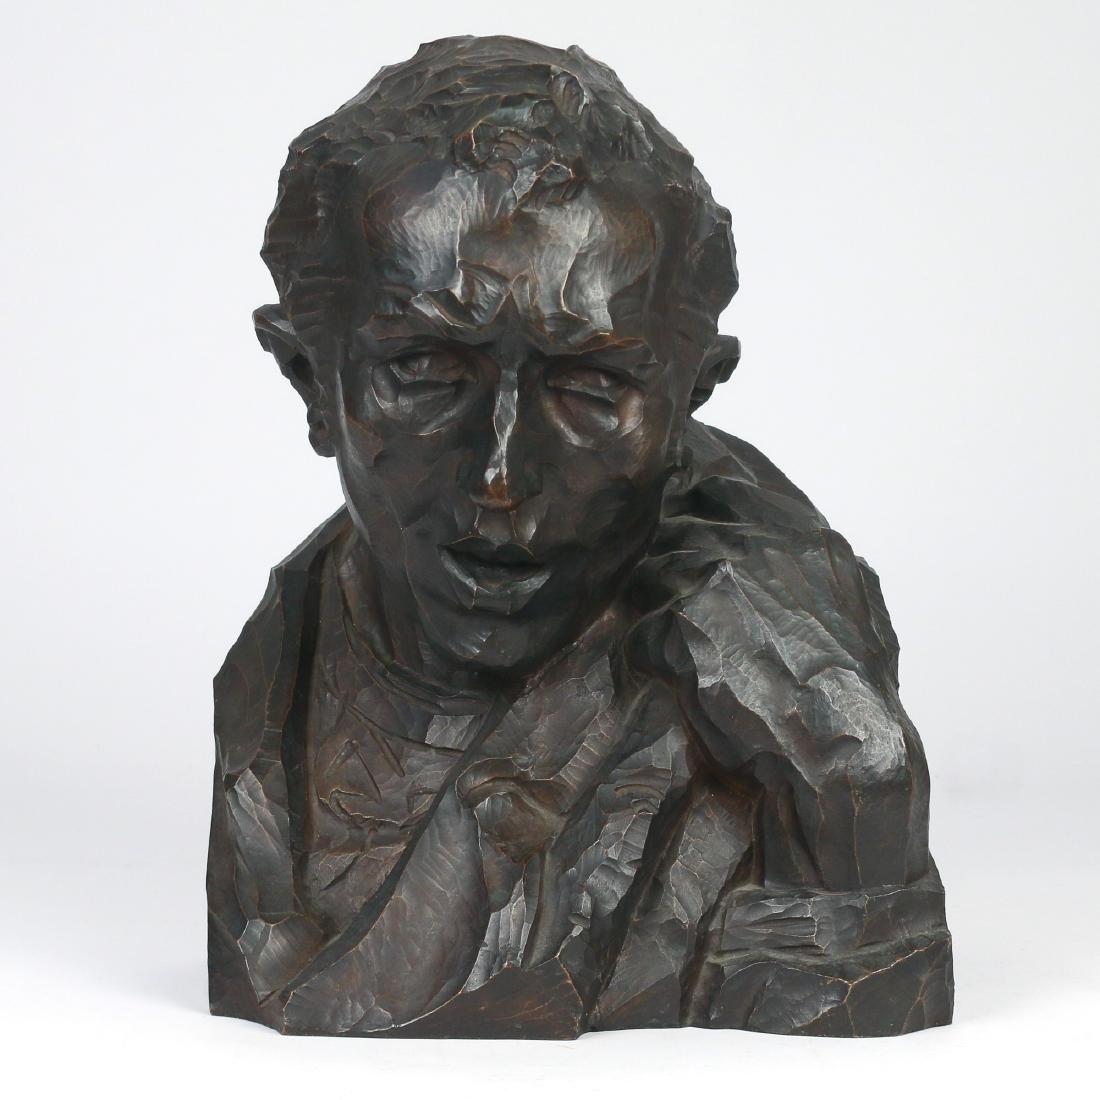 SANTIAGO RODRIGUEZ BONOME (Spanish, 1901-1995)